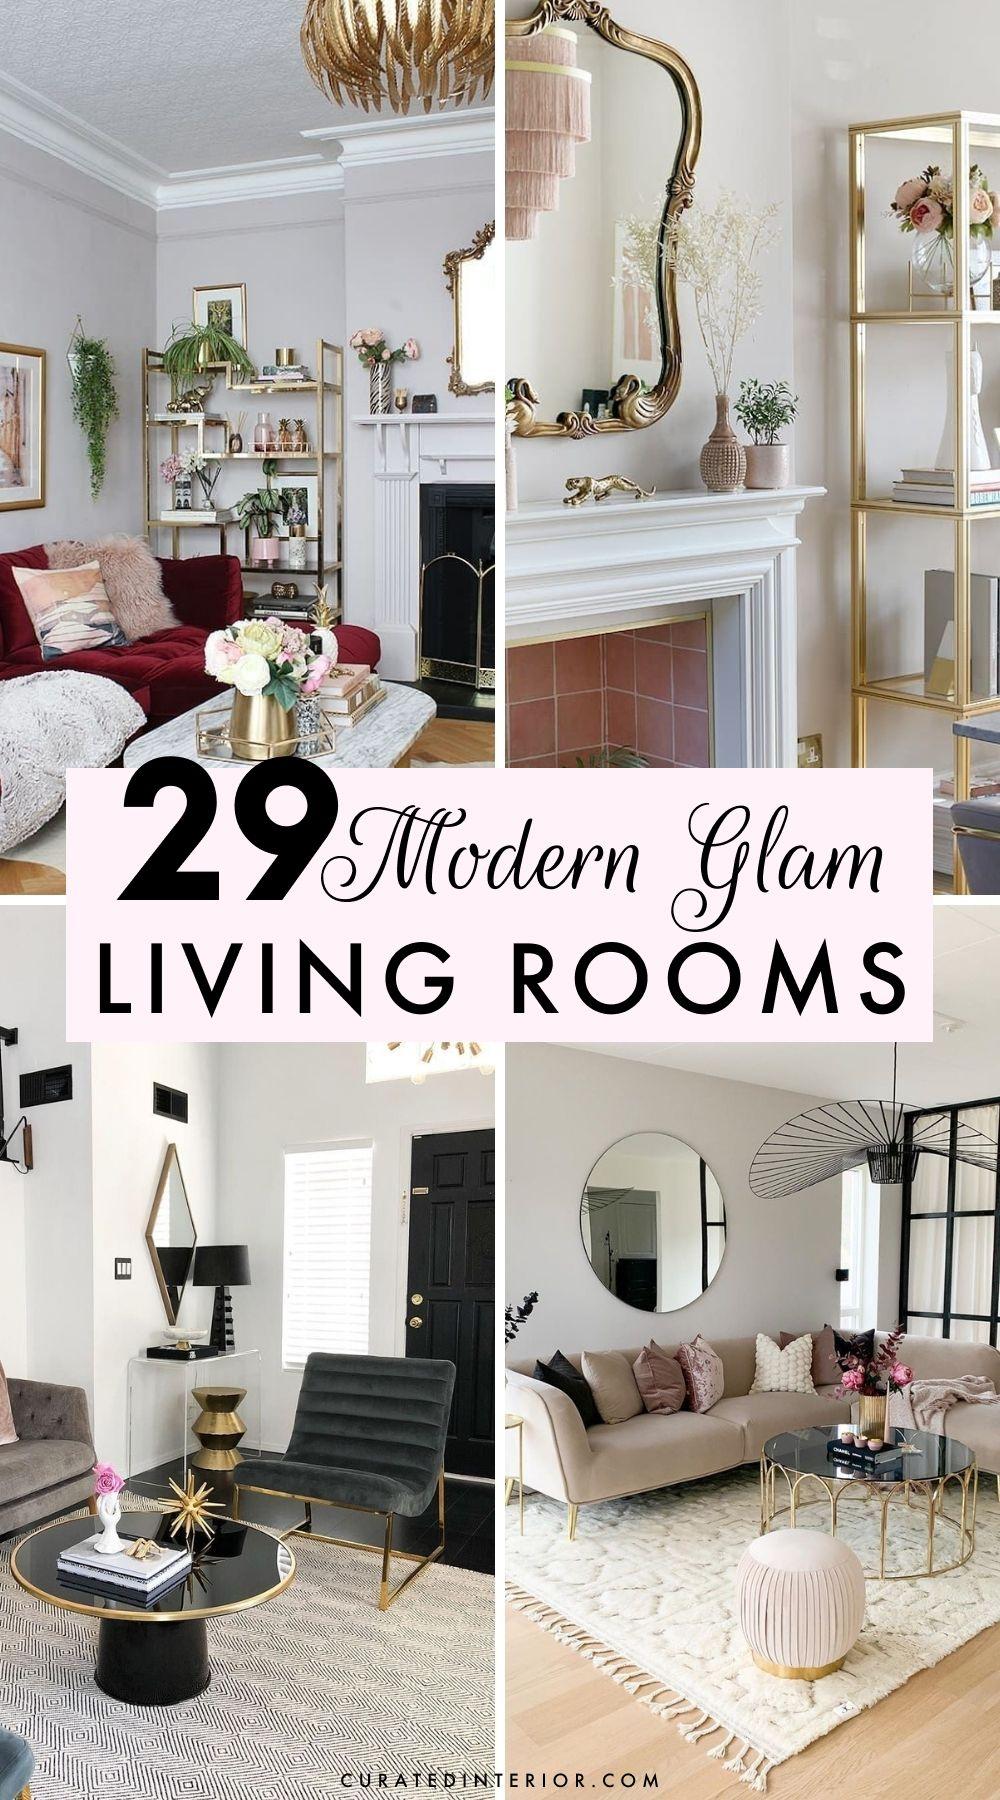 29 moderne glamouröse Wohnzimmer